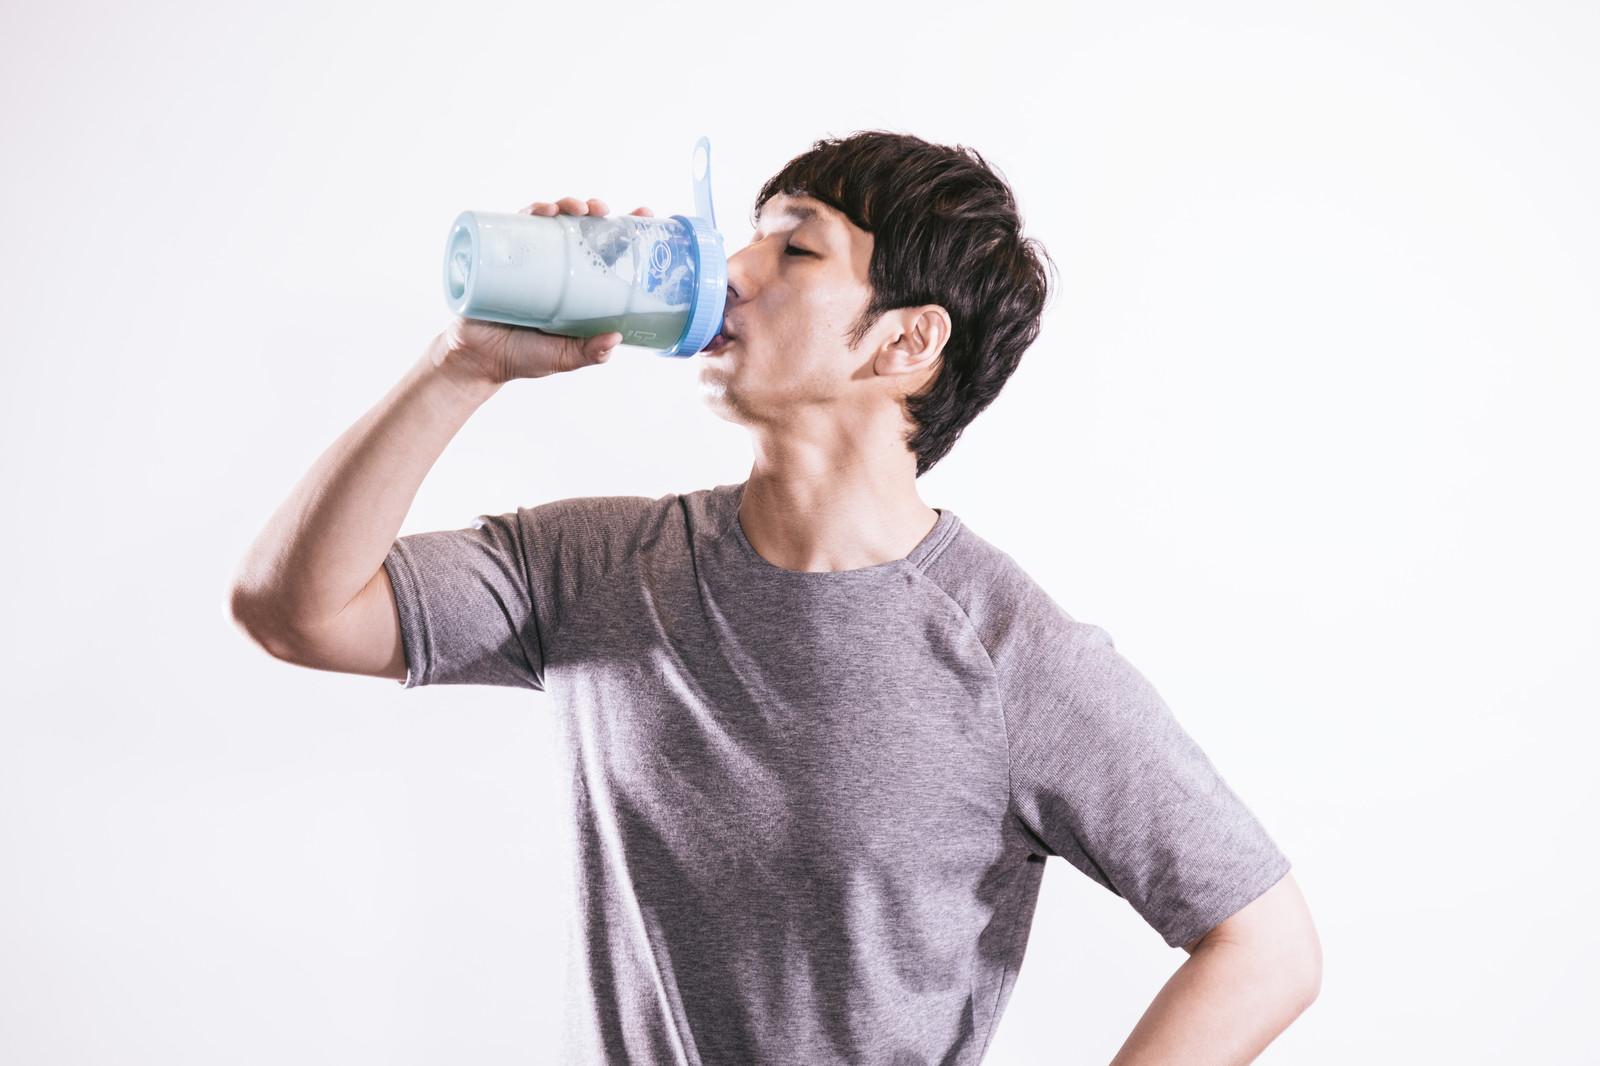 筋トレに効果的なプロテインを飲むタイミング・飲む量は?